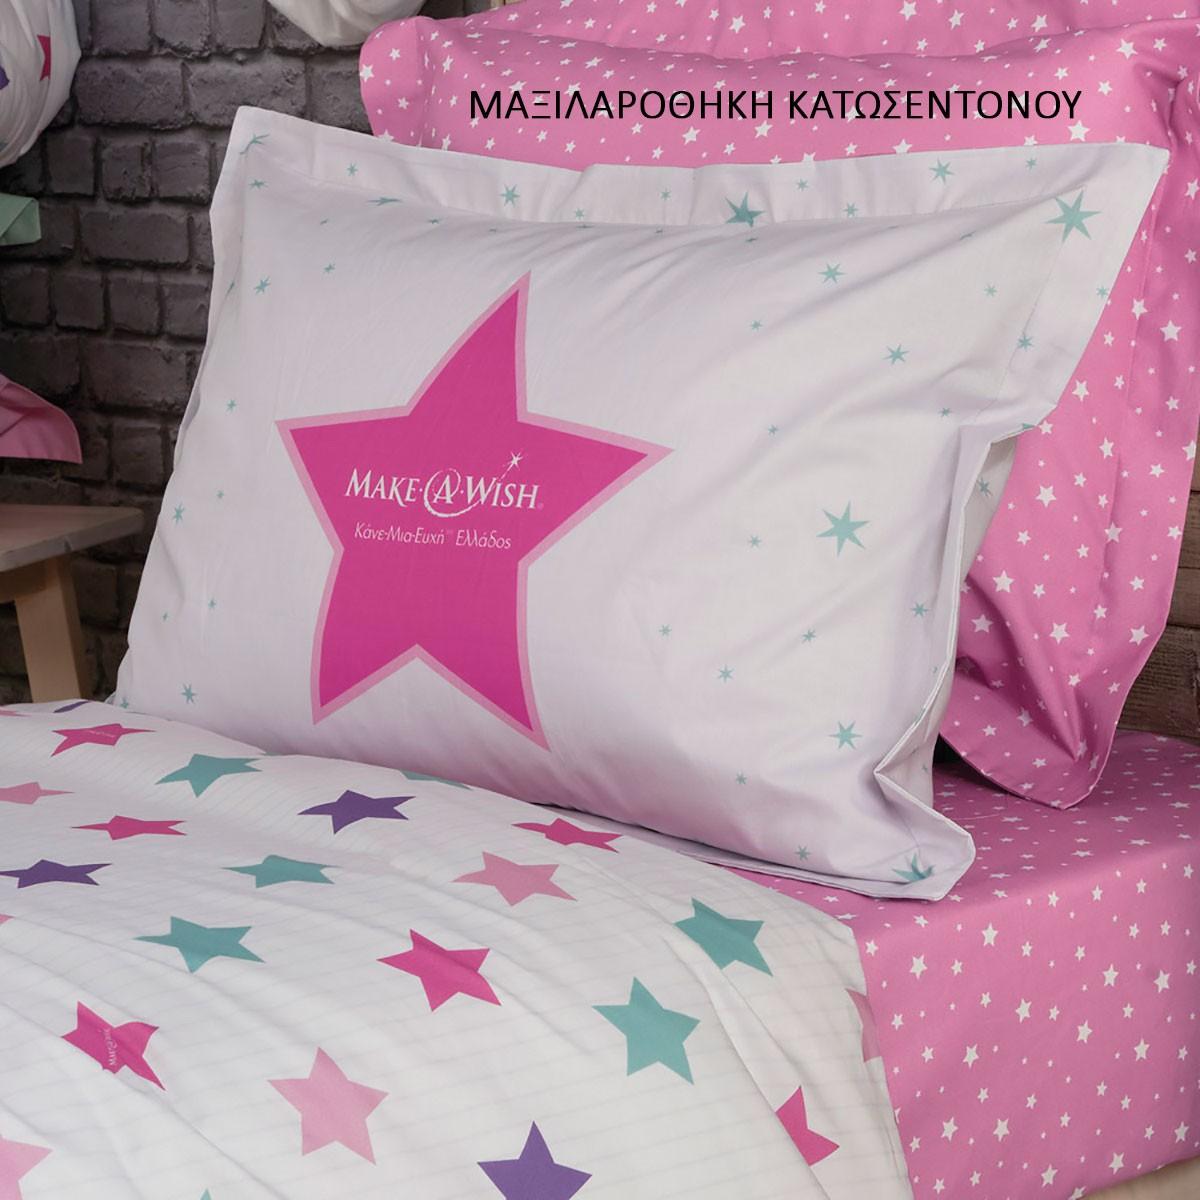 Μαξιλαροθήκη Κατωσέντονου Kentia Kids Make A Wish 14